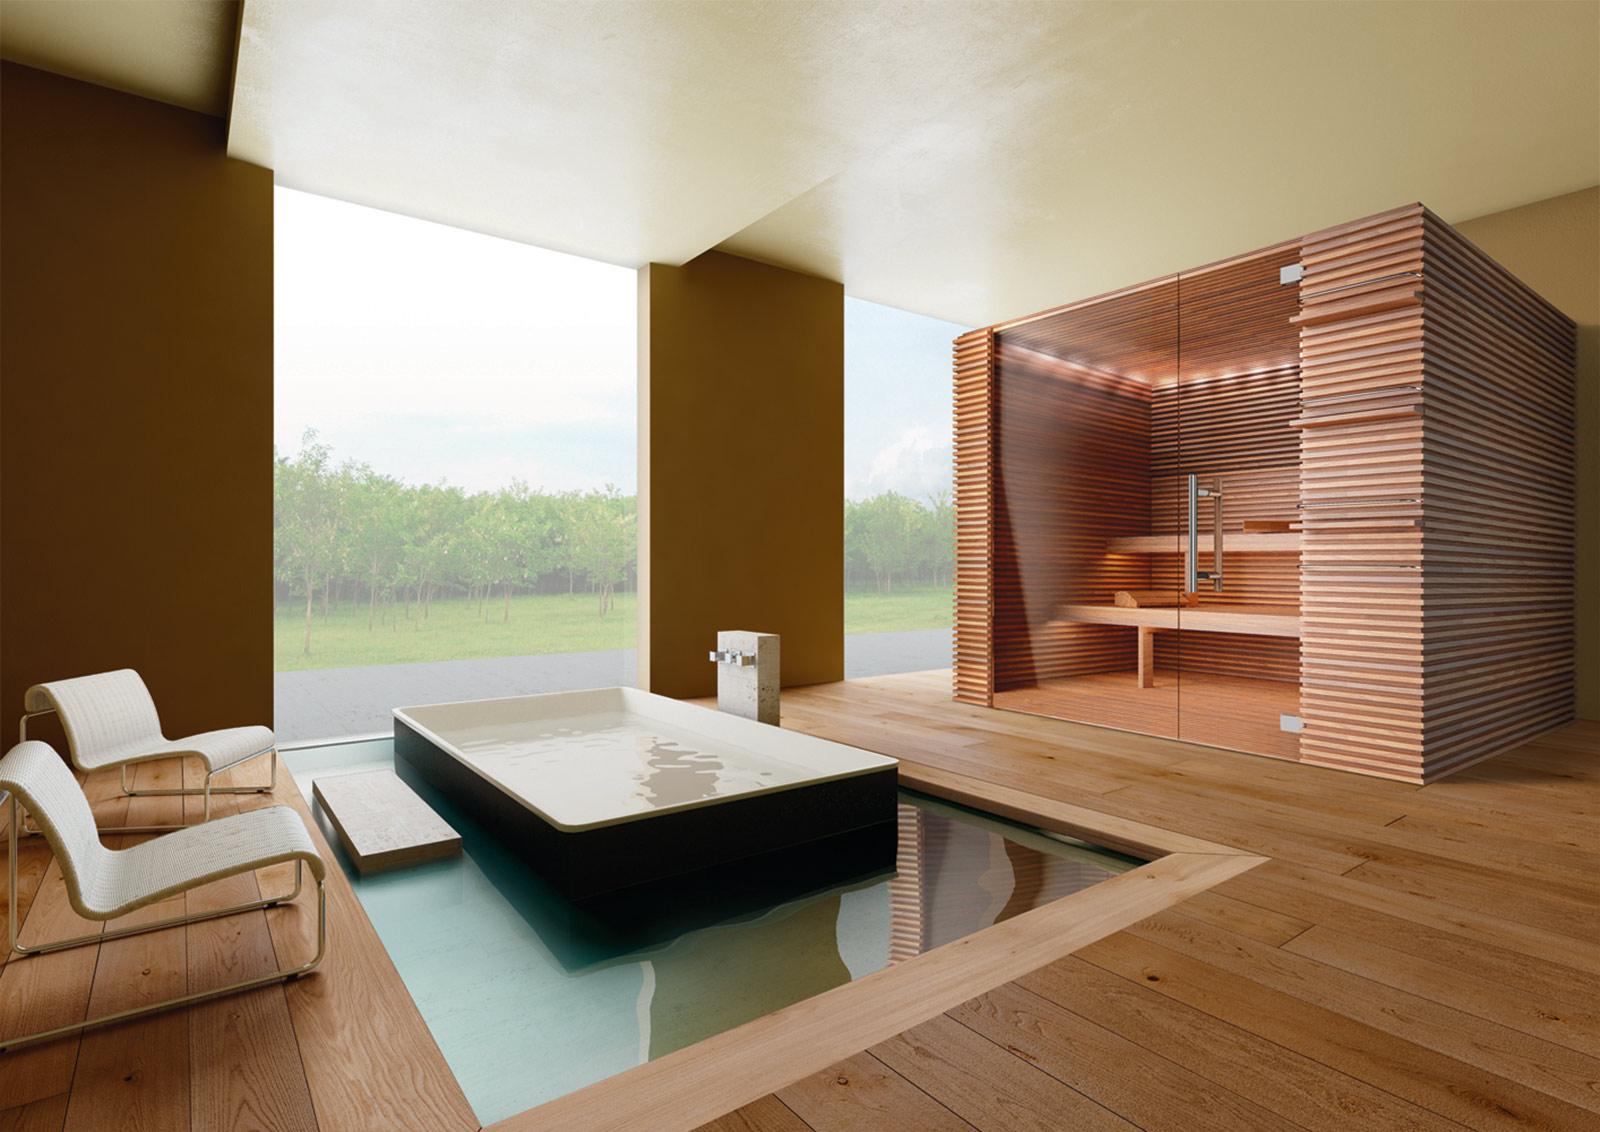 Stenal saune e spa su misura per hotel - Bagno turco su misura ...